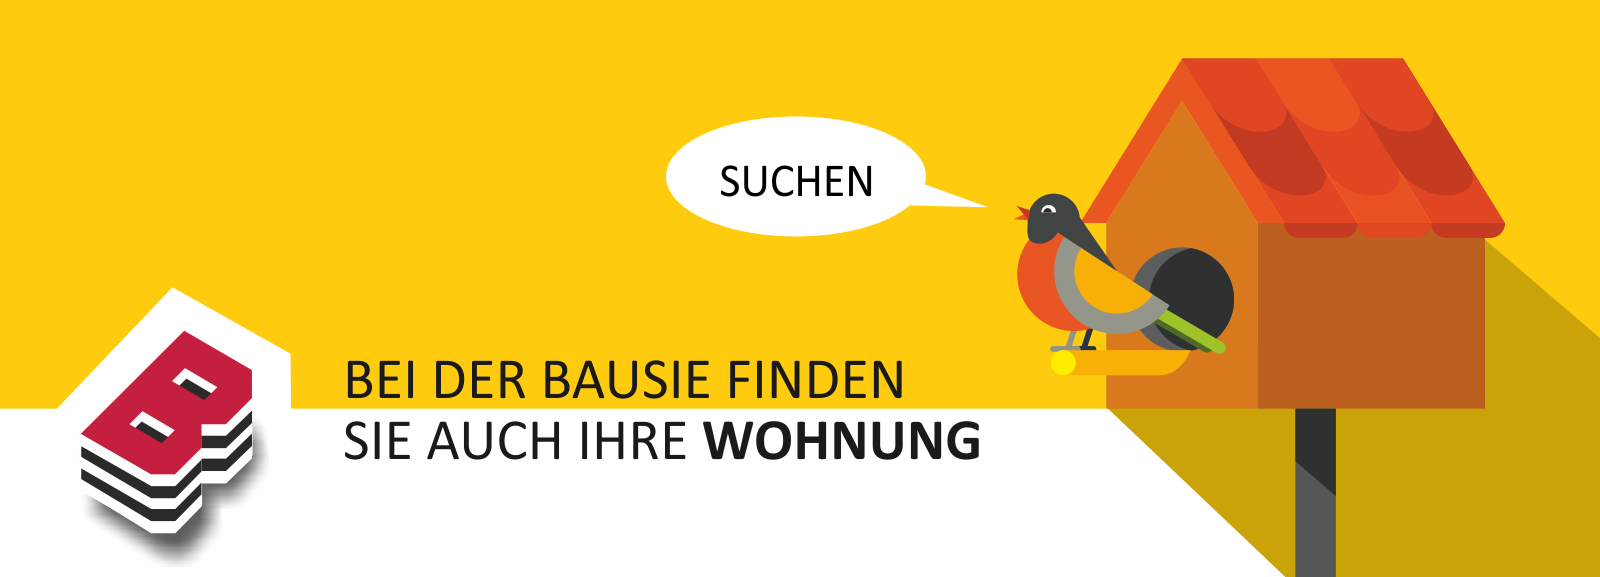 1_HP-Bausie_Banner_Vogelhaeuser_20_Startseite